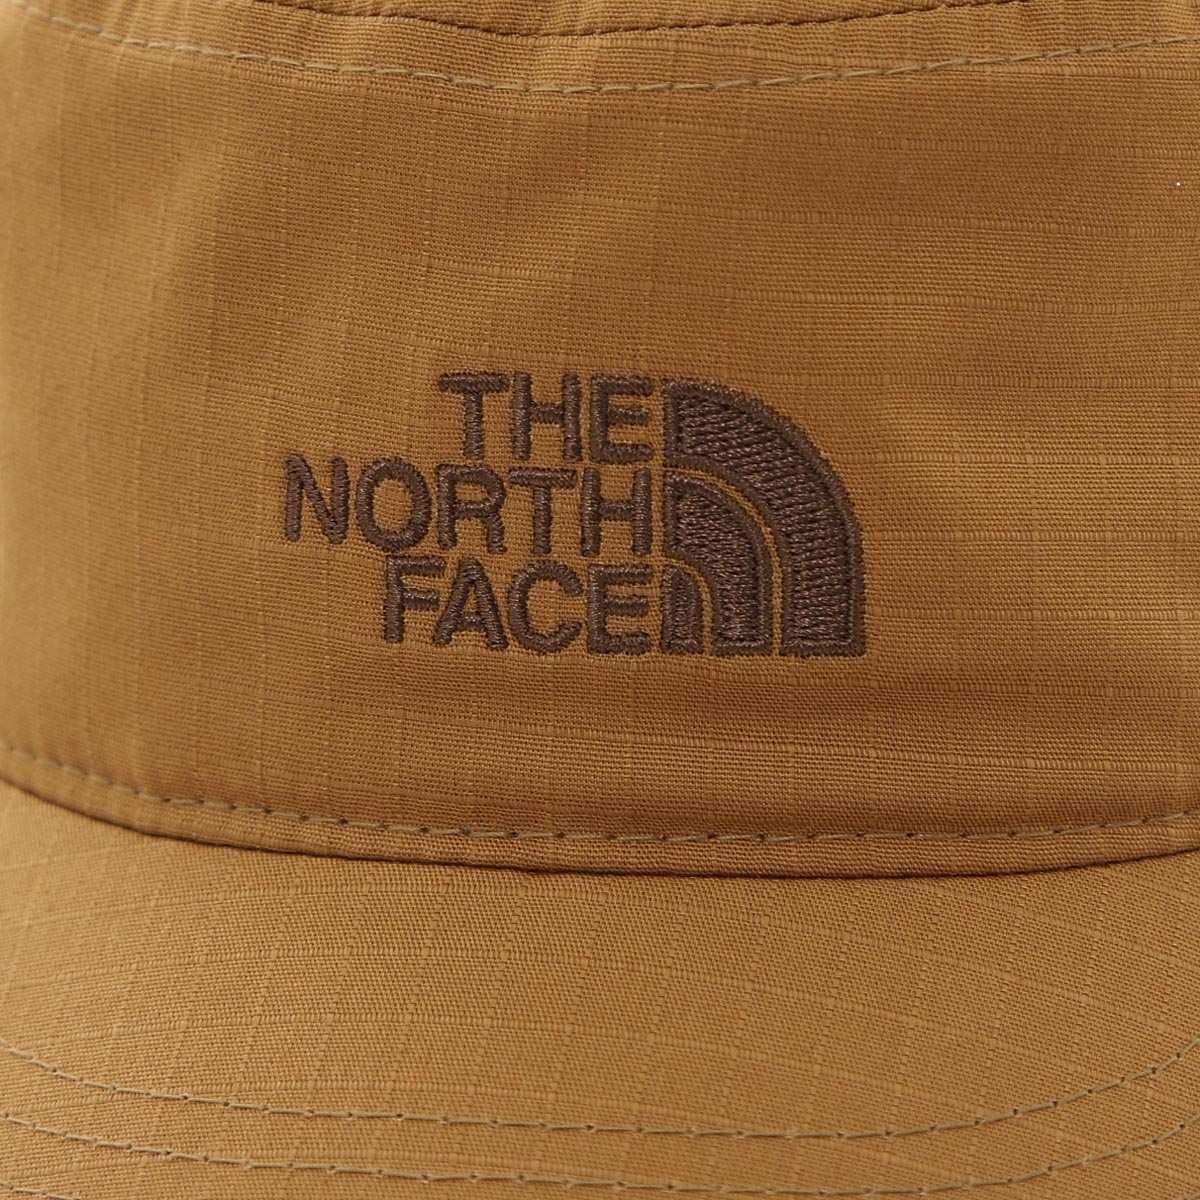 THE NORTH FACE ノースフェイス キャップ/LOGO MILITARY HAT メンズ